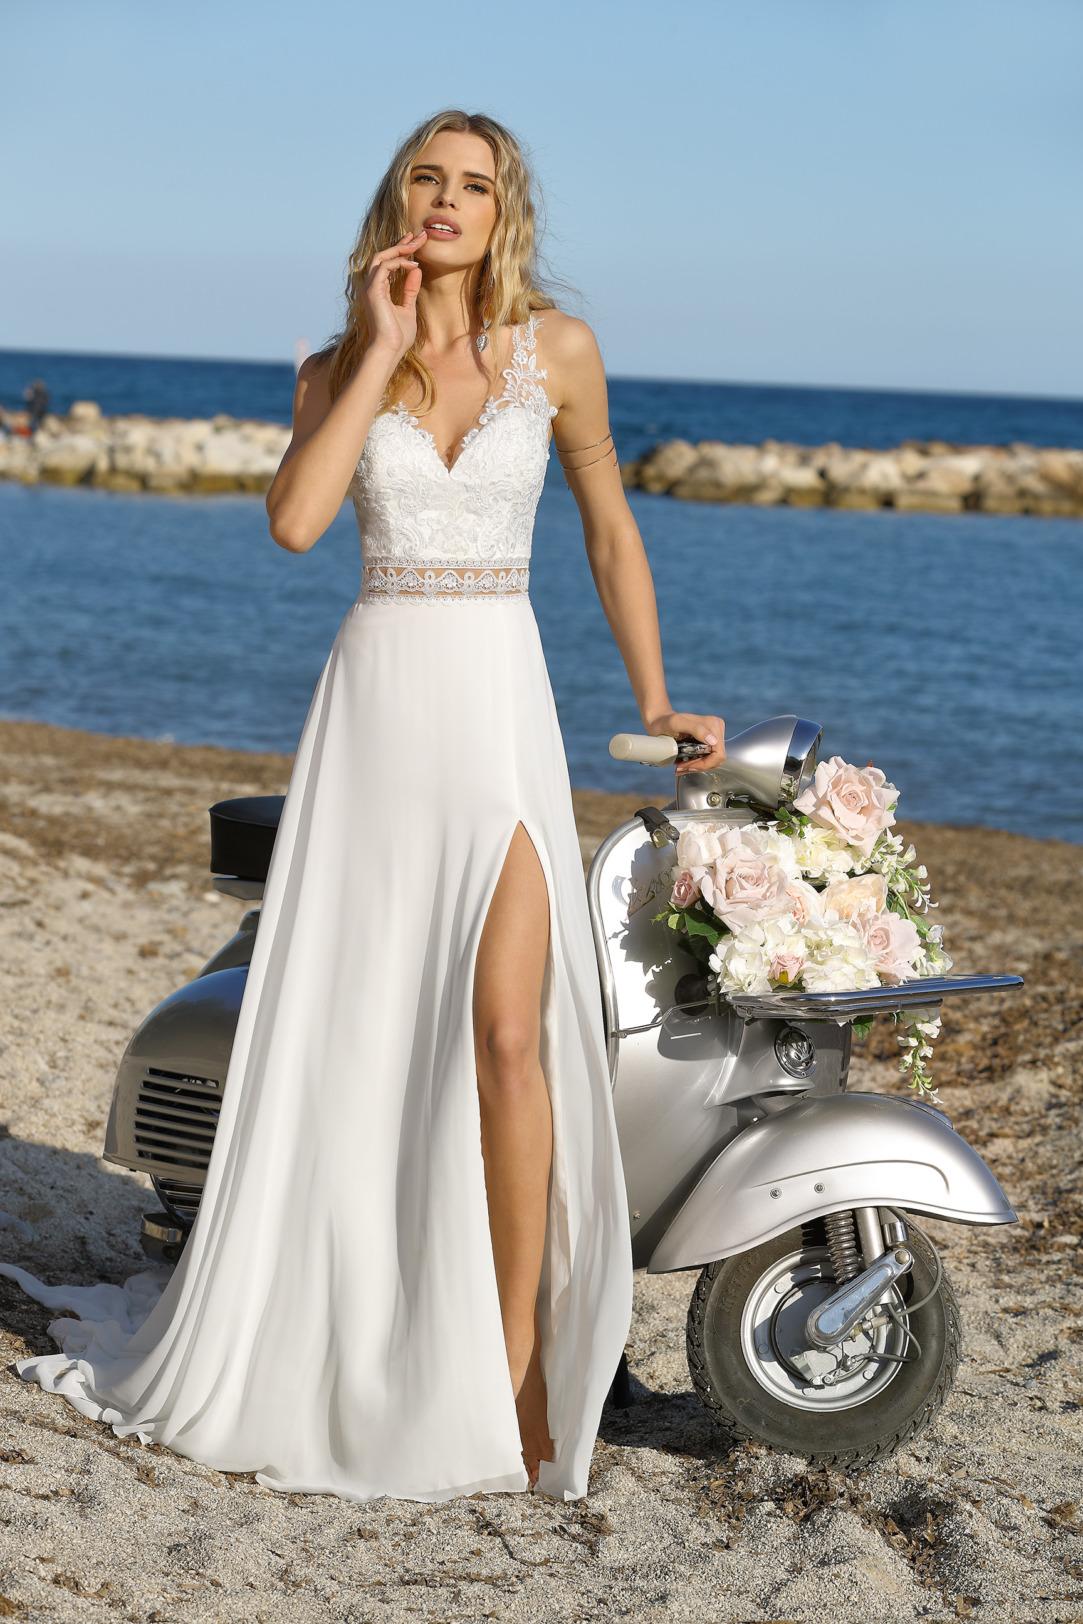 Brautkleid im Vintage Boho Stil.  Ladybivrd Modell 321019 mit V Ausschnitt und Spitzen Trägern.  Hübsches Asseccoire: der leicht transparenter Taillengürtel. Dieses bezaubernde Hochzeitskleid im Empire Stil ist mit und ohne langem Bein Schlitz erhältlich